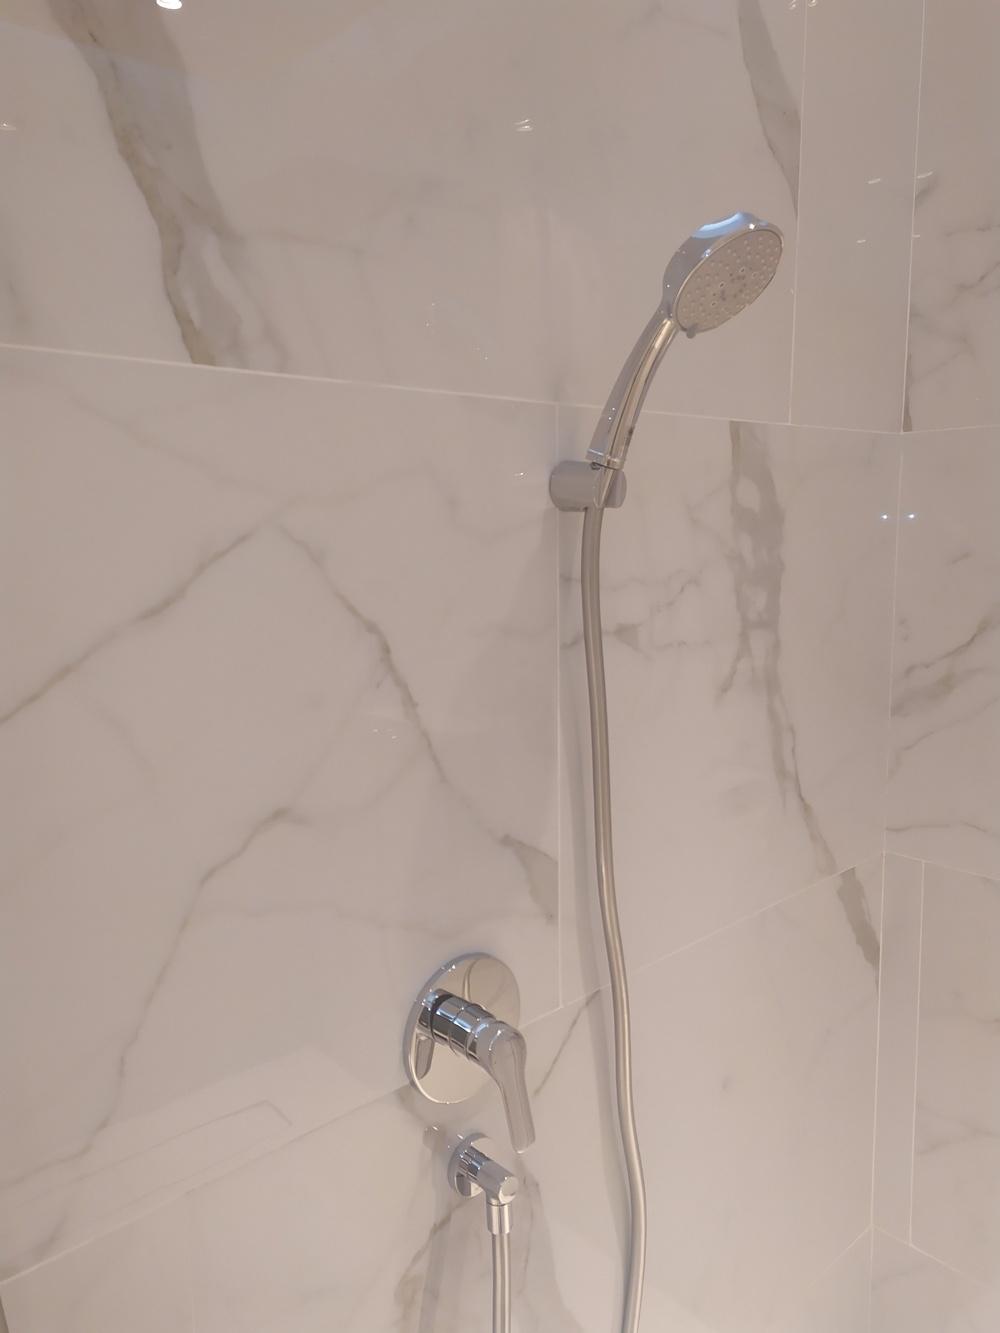 ใช้ฝักบัวอาบน้ำ